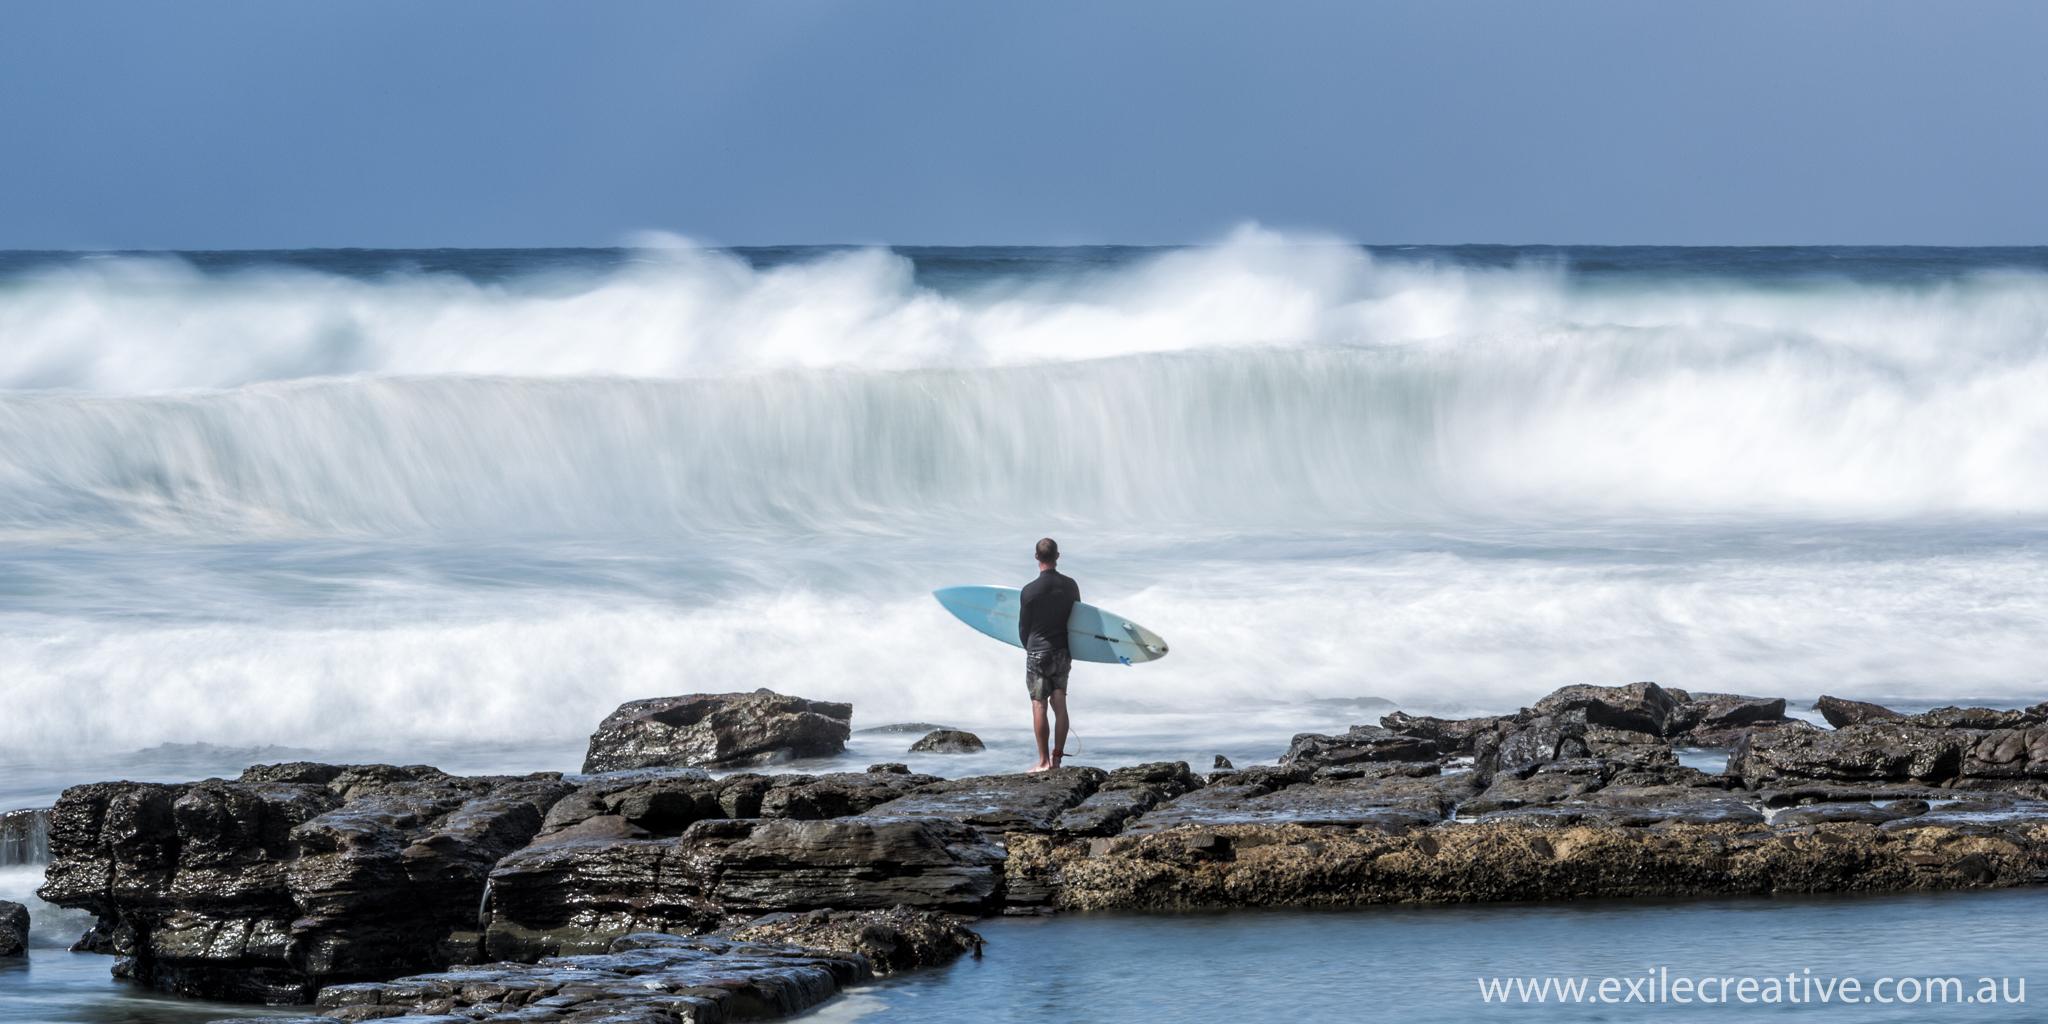 A surfer waits